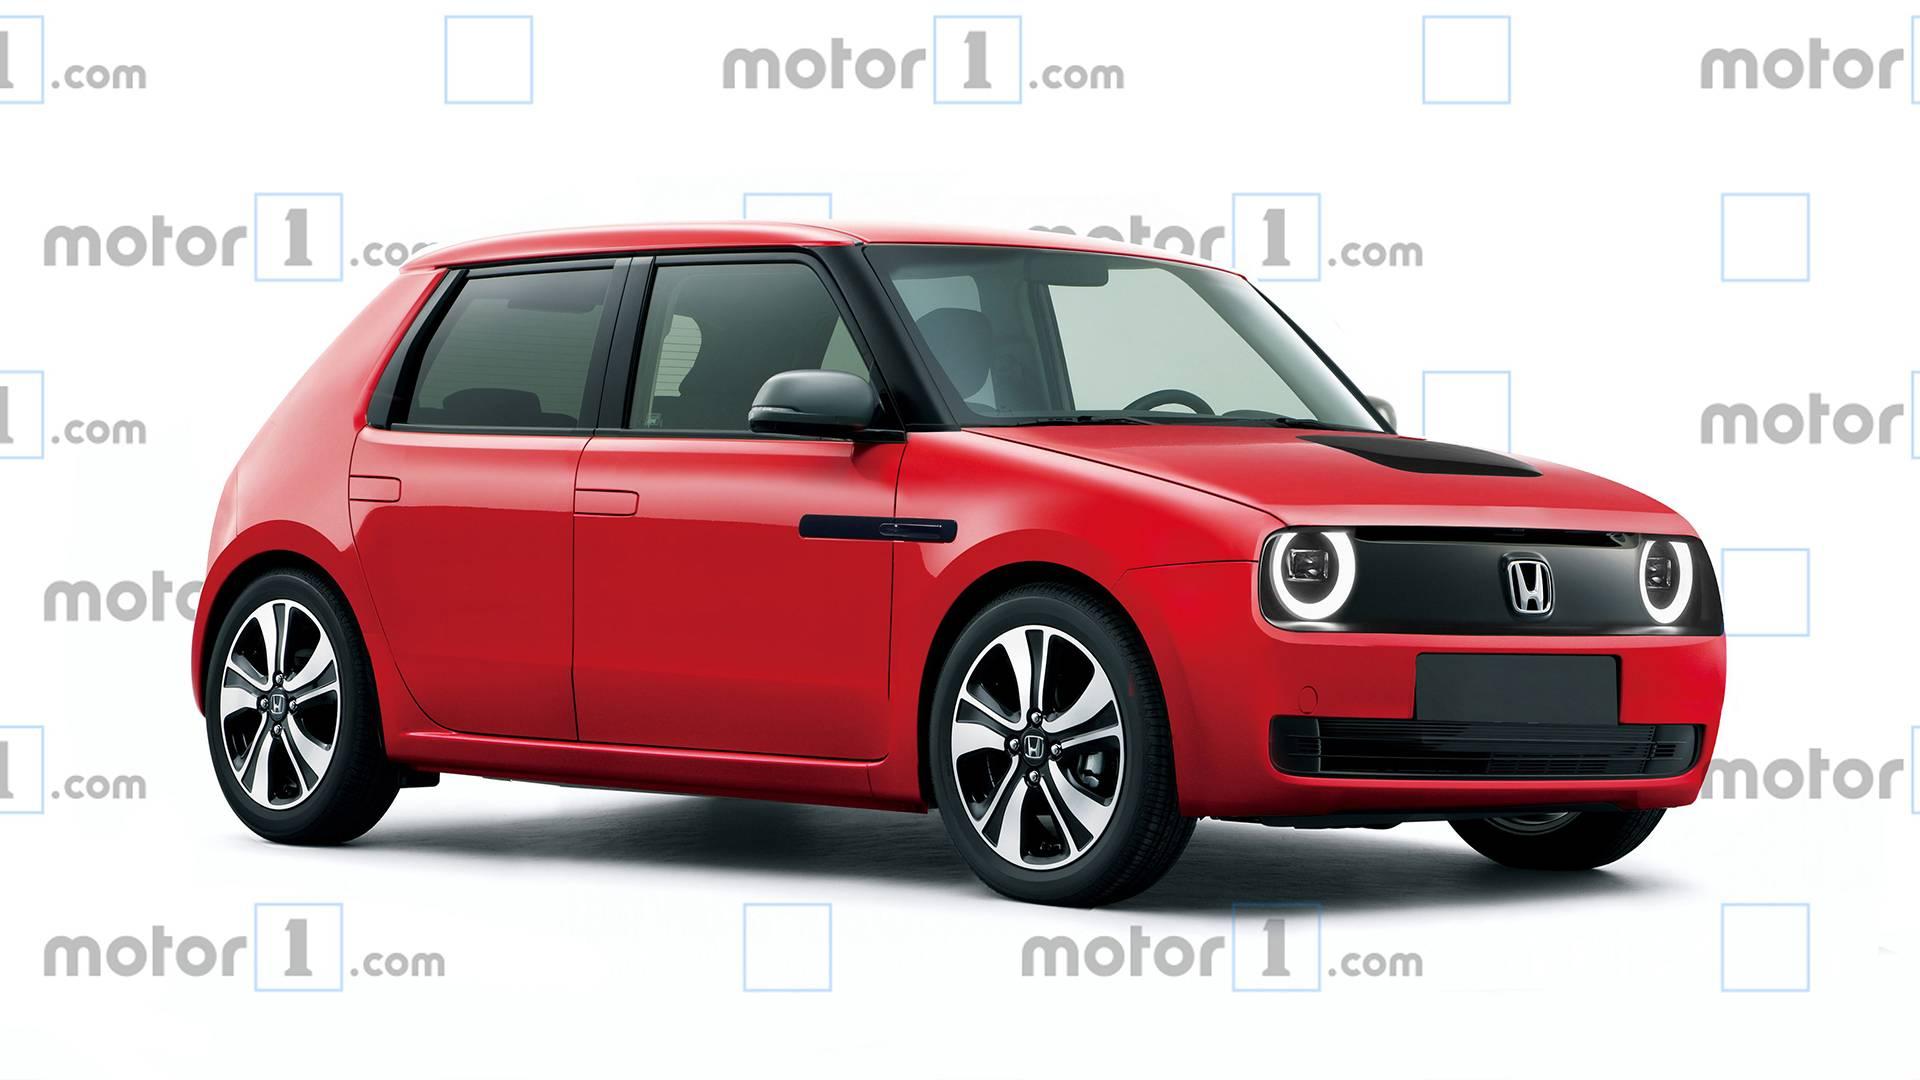 رندر نسخه تجاری خودروی الکتریکی هوندا